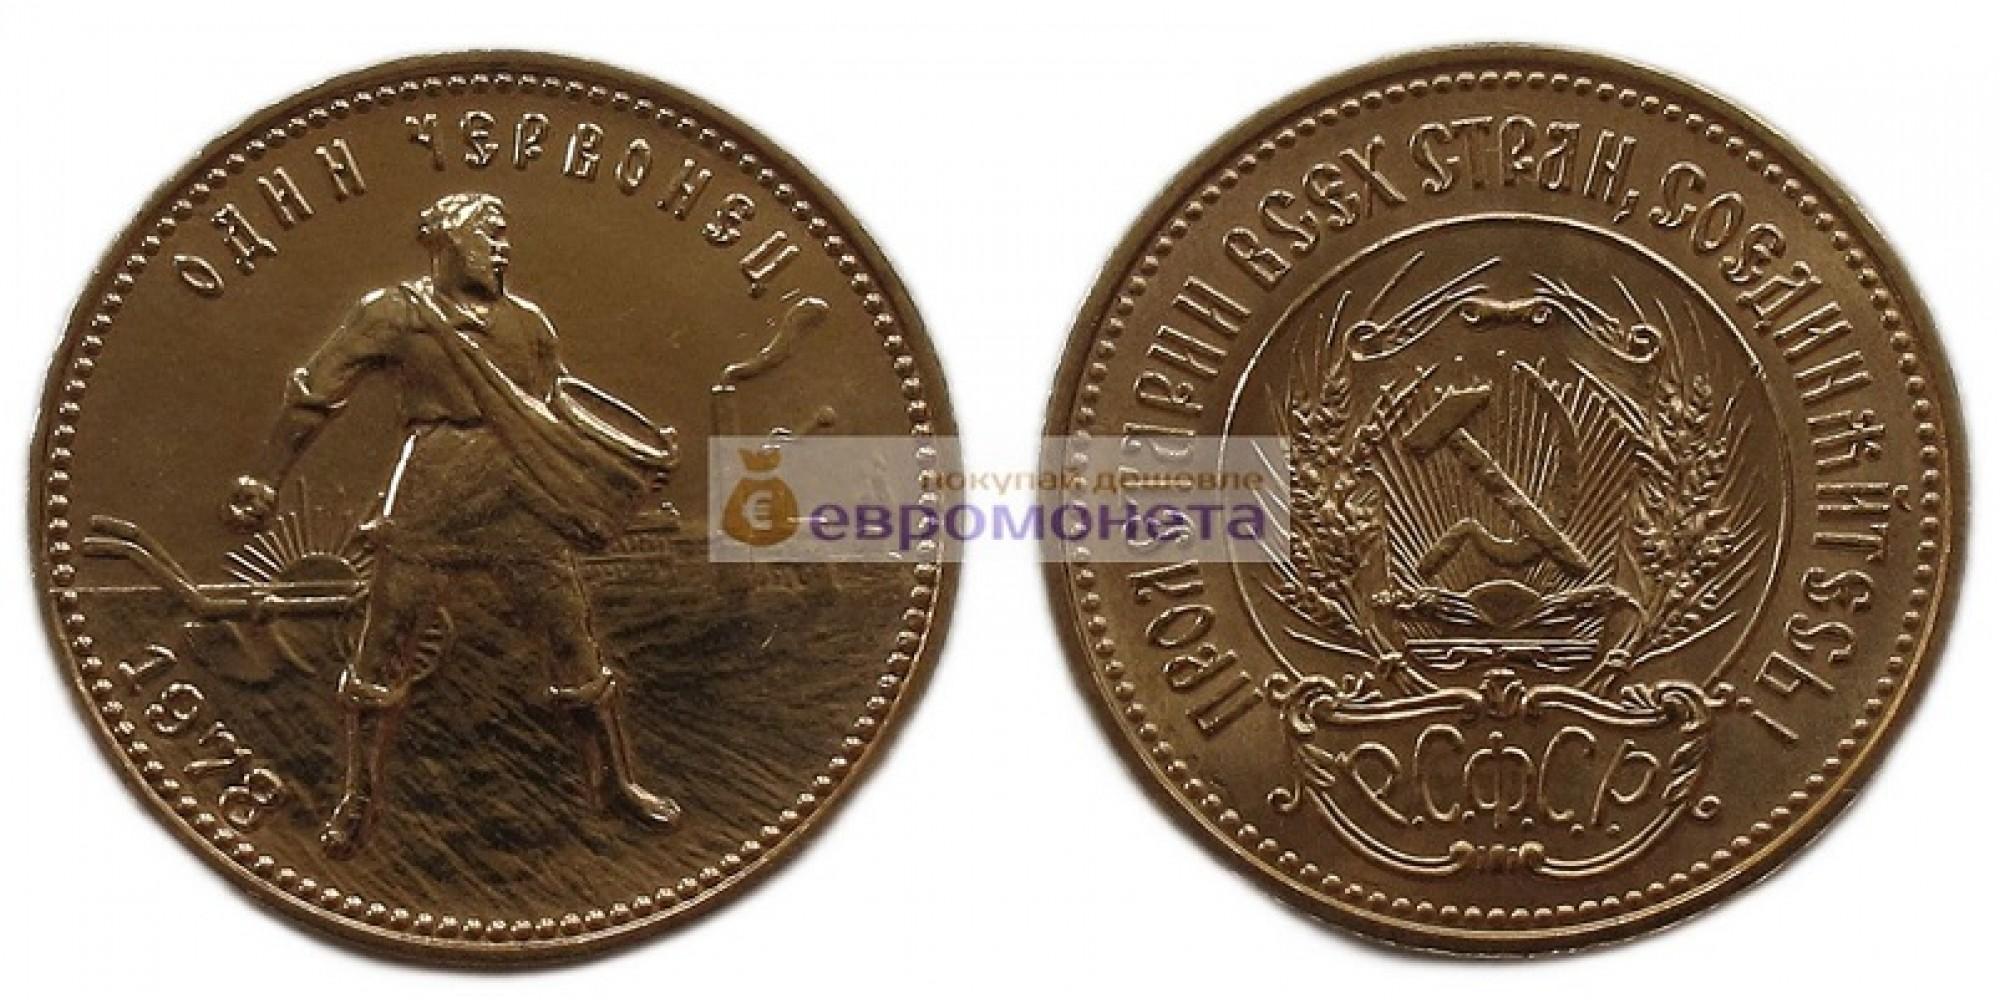 СССР (РСФСР) 10 рублей 1978 год. Золотой червонец - Сеятель. Золото. BU